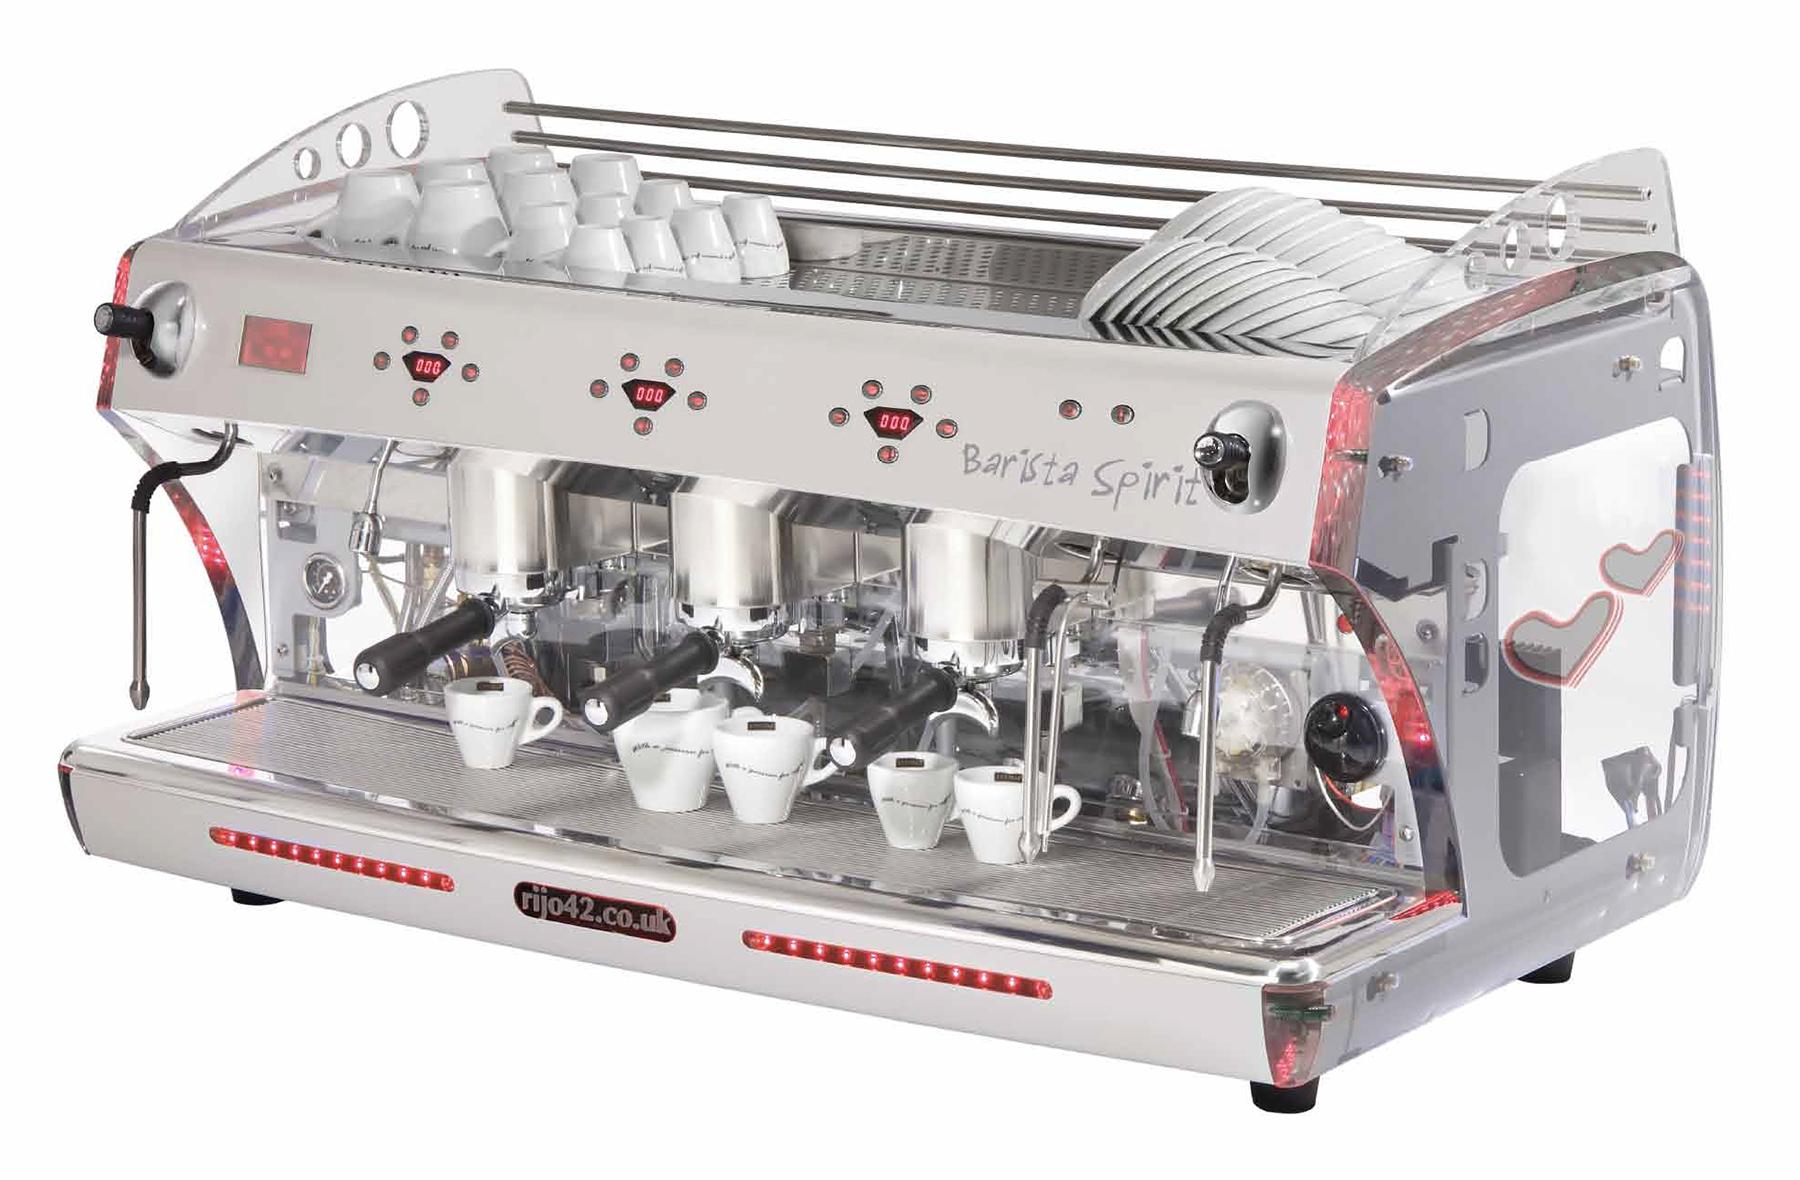 צעיר ג'ו אופיס | מכונות קפה לעסקים | מכונת קפה לעסק FD-12